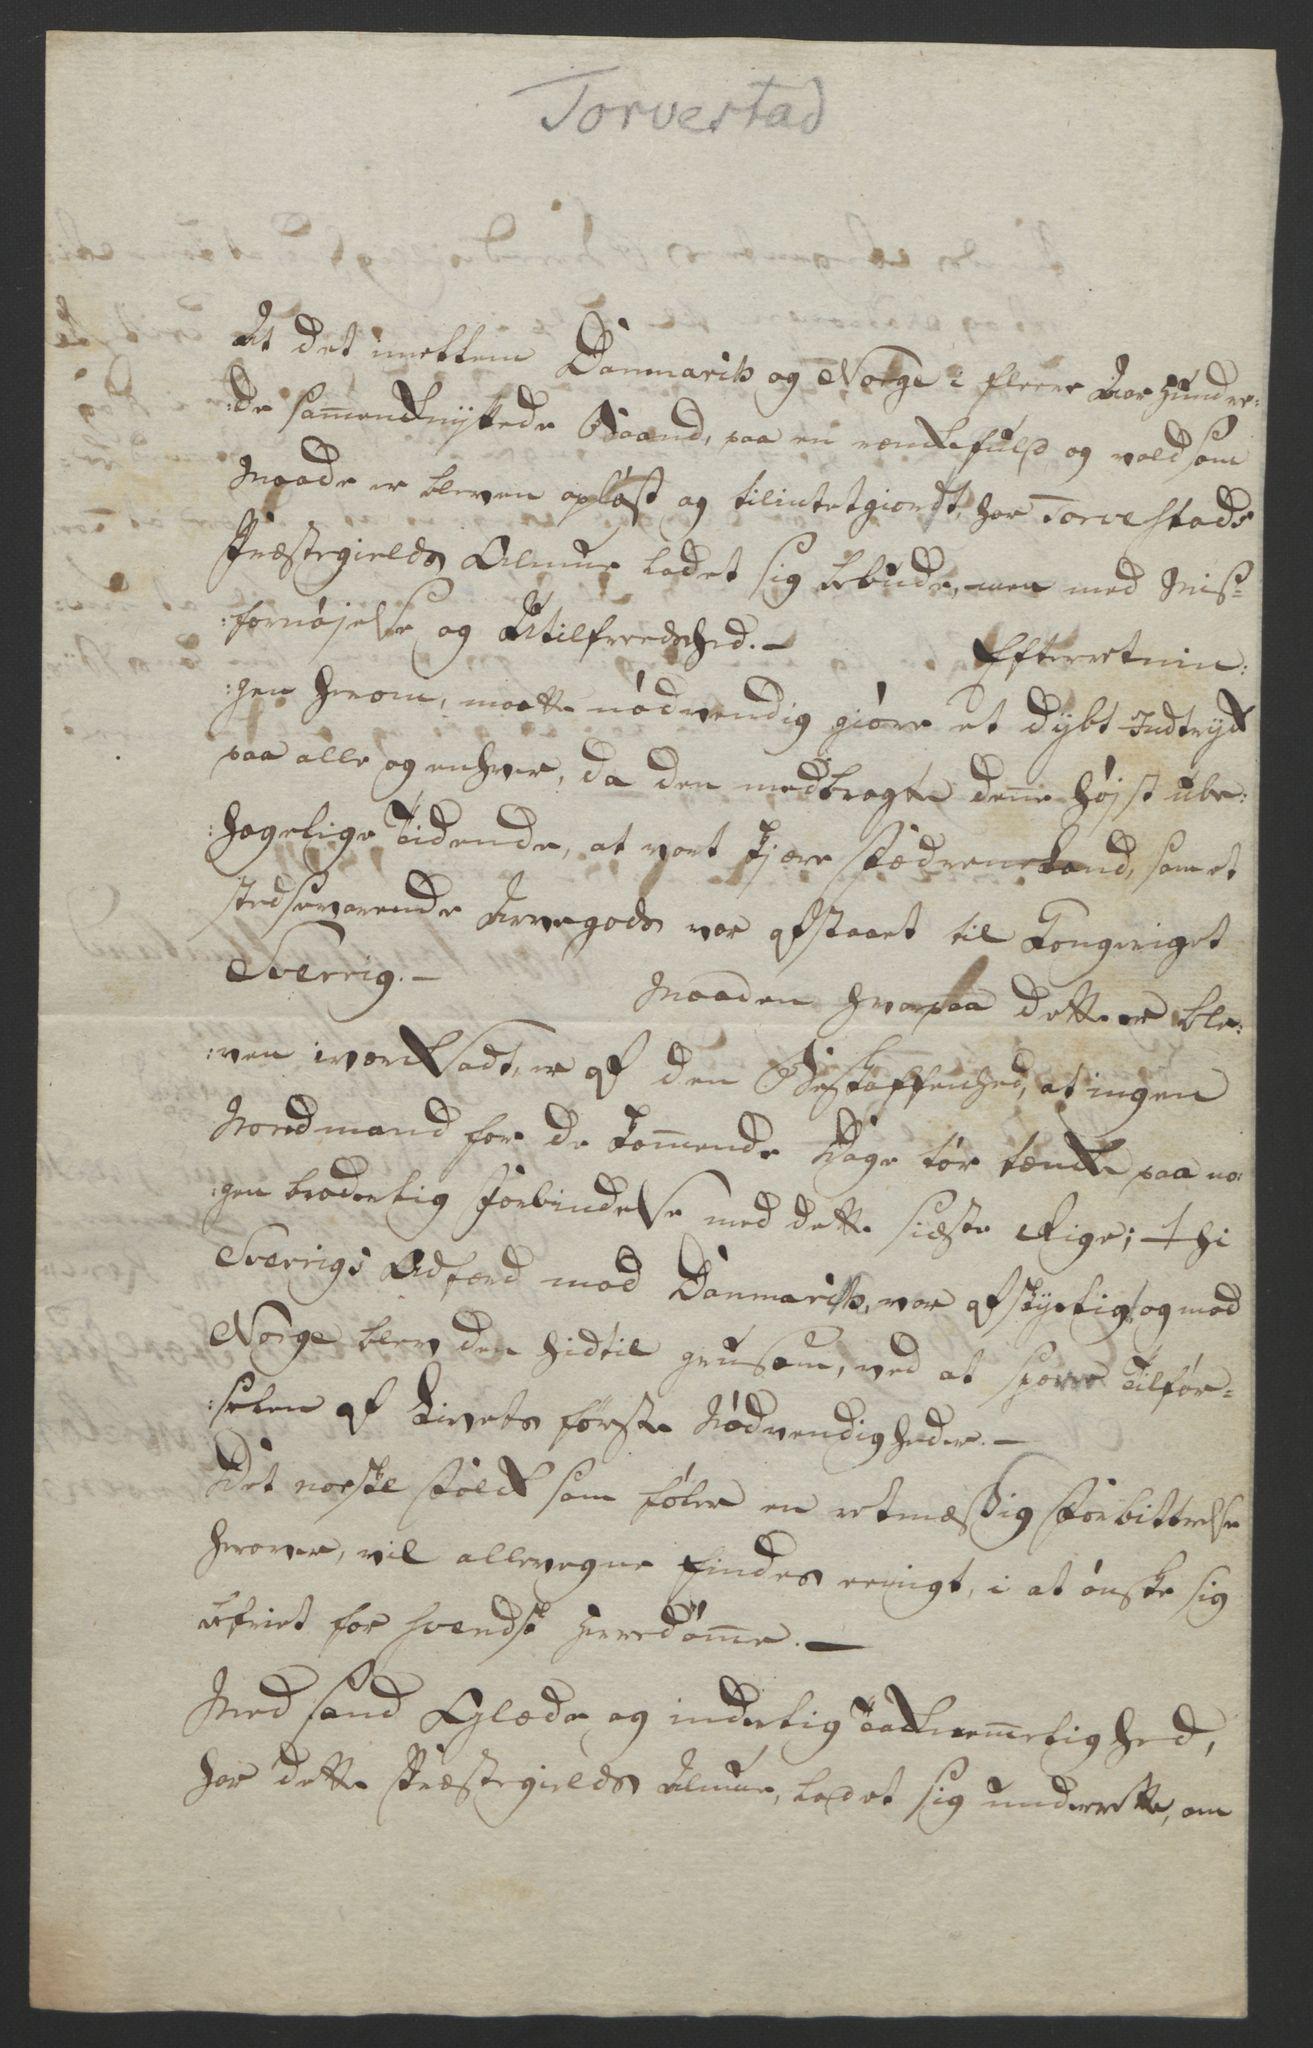 RA, Statsrådssekretariatet, D/Db/L0008: Fullmakter for Eidsvollsrepresentantene i 1814. , 1814, s. 258